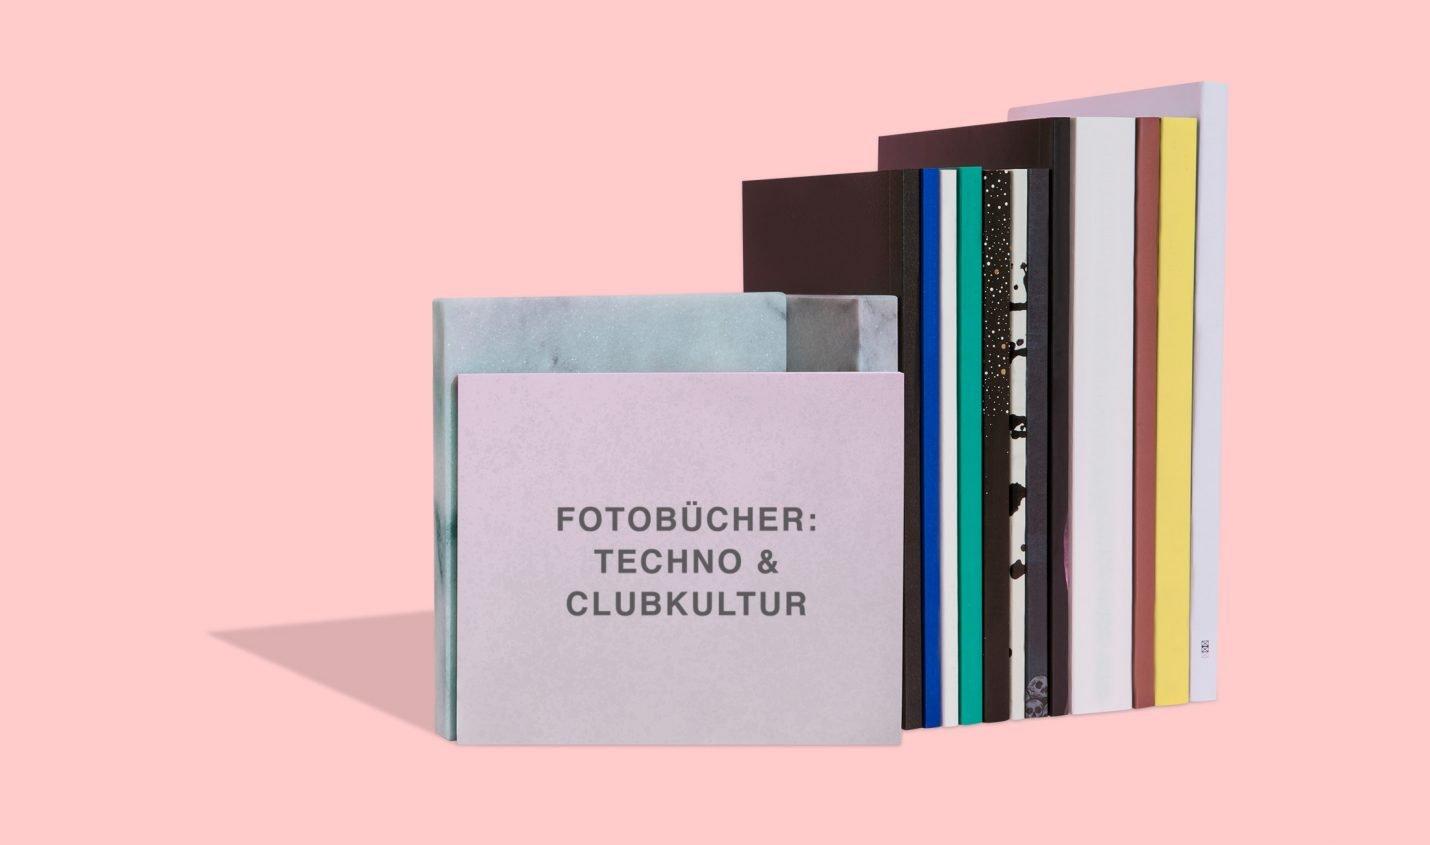 Essentials: Fotobücher aus Techno & Clubkultur